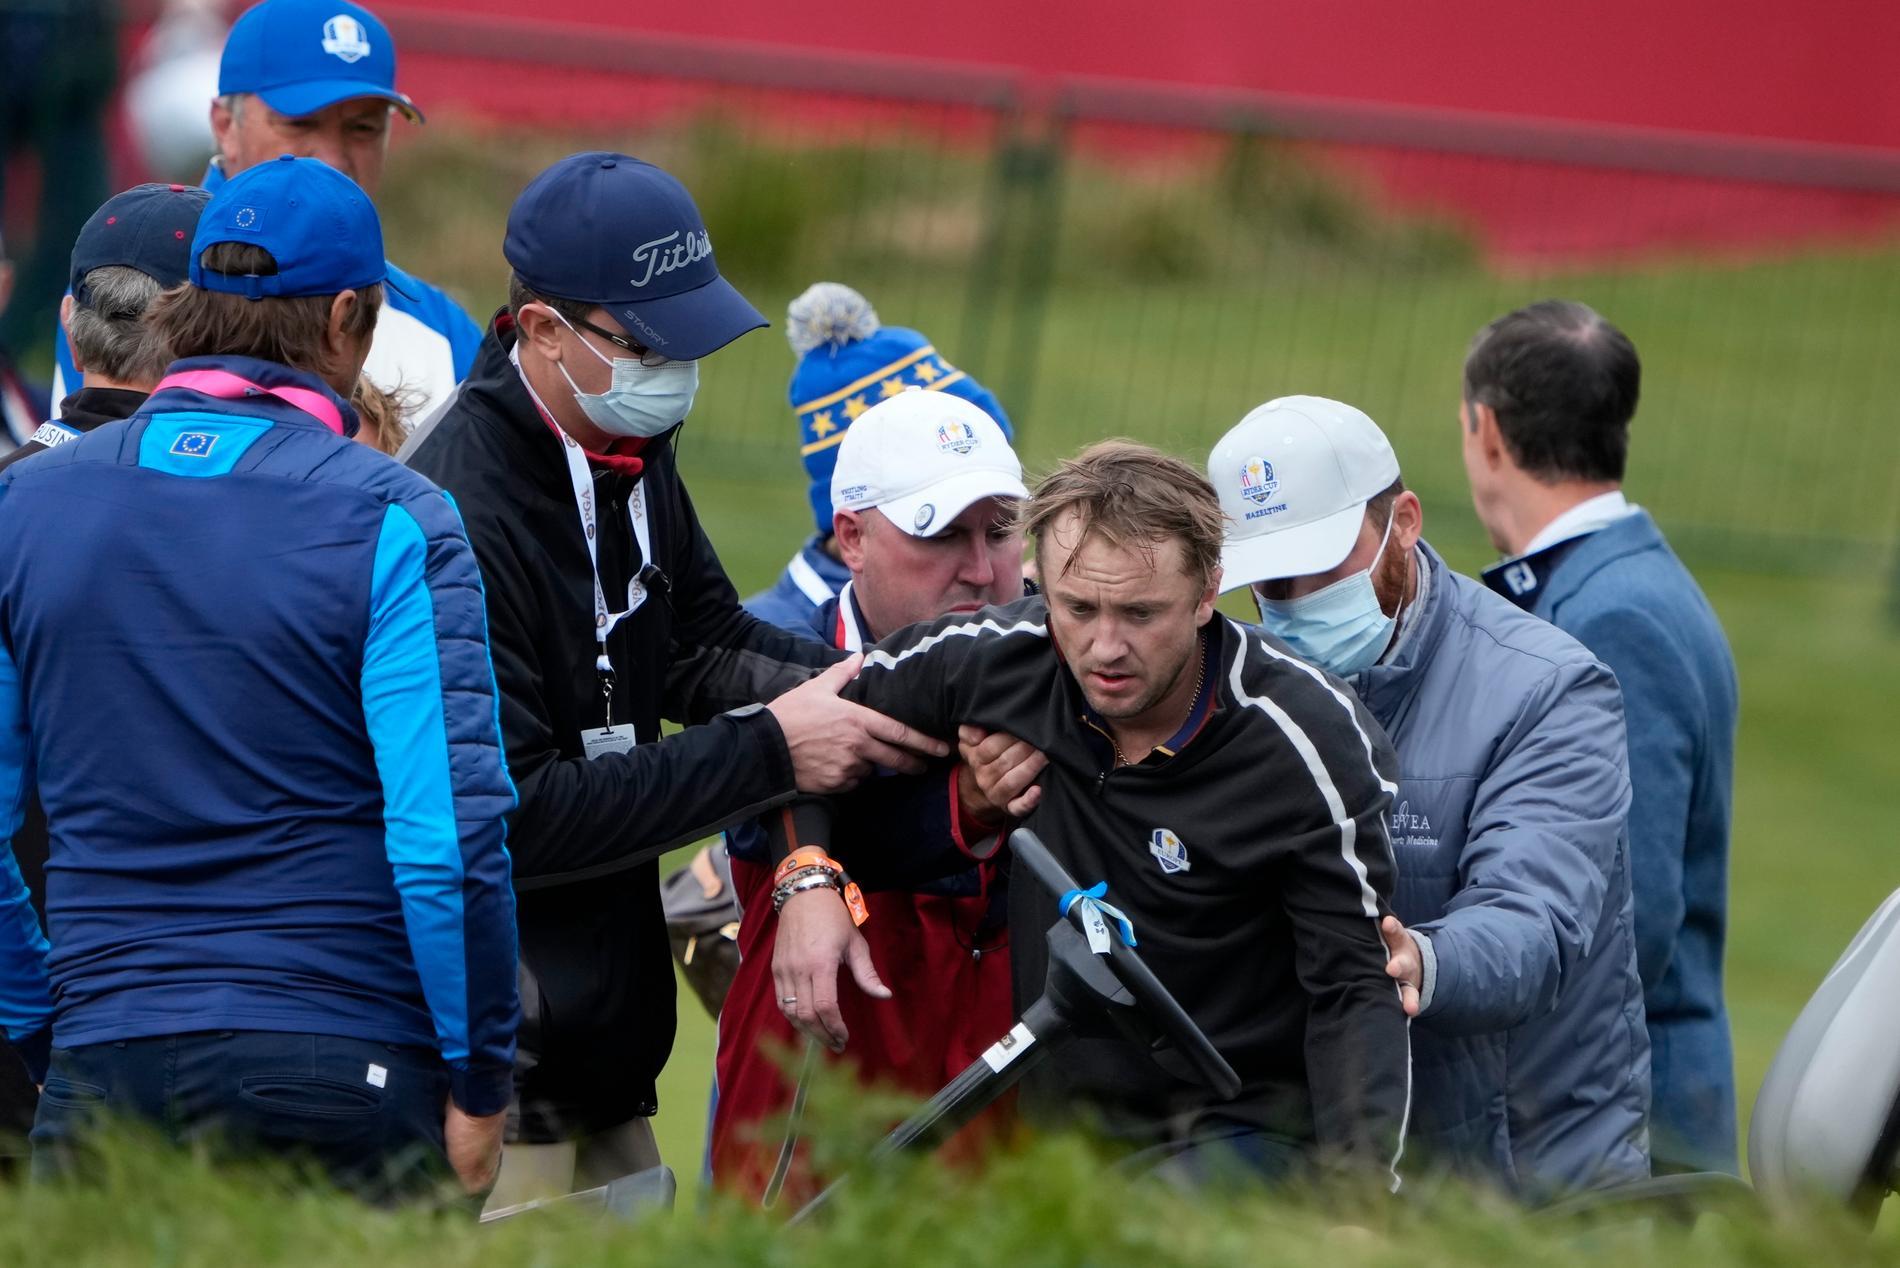 Tom Felton får hjälp efter att ha kollapsat på golfbanan.